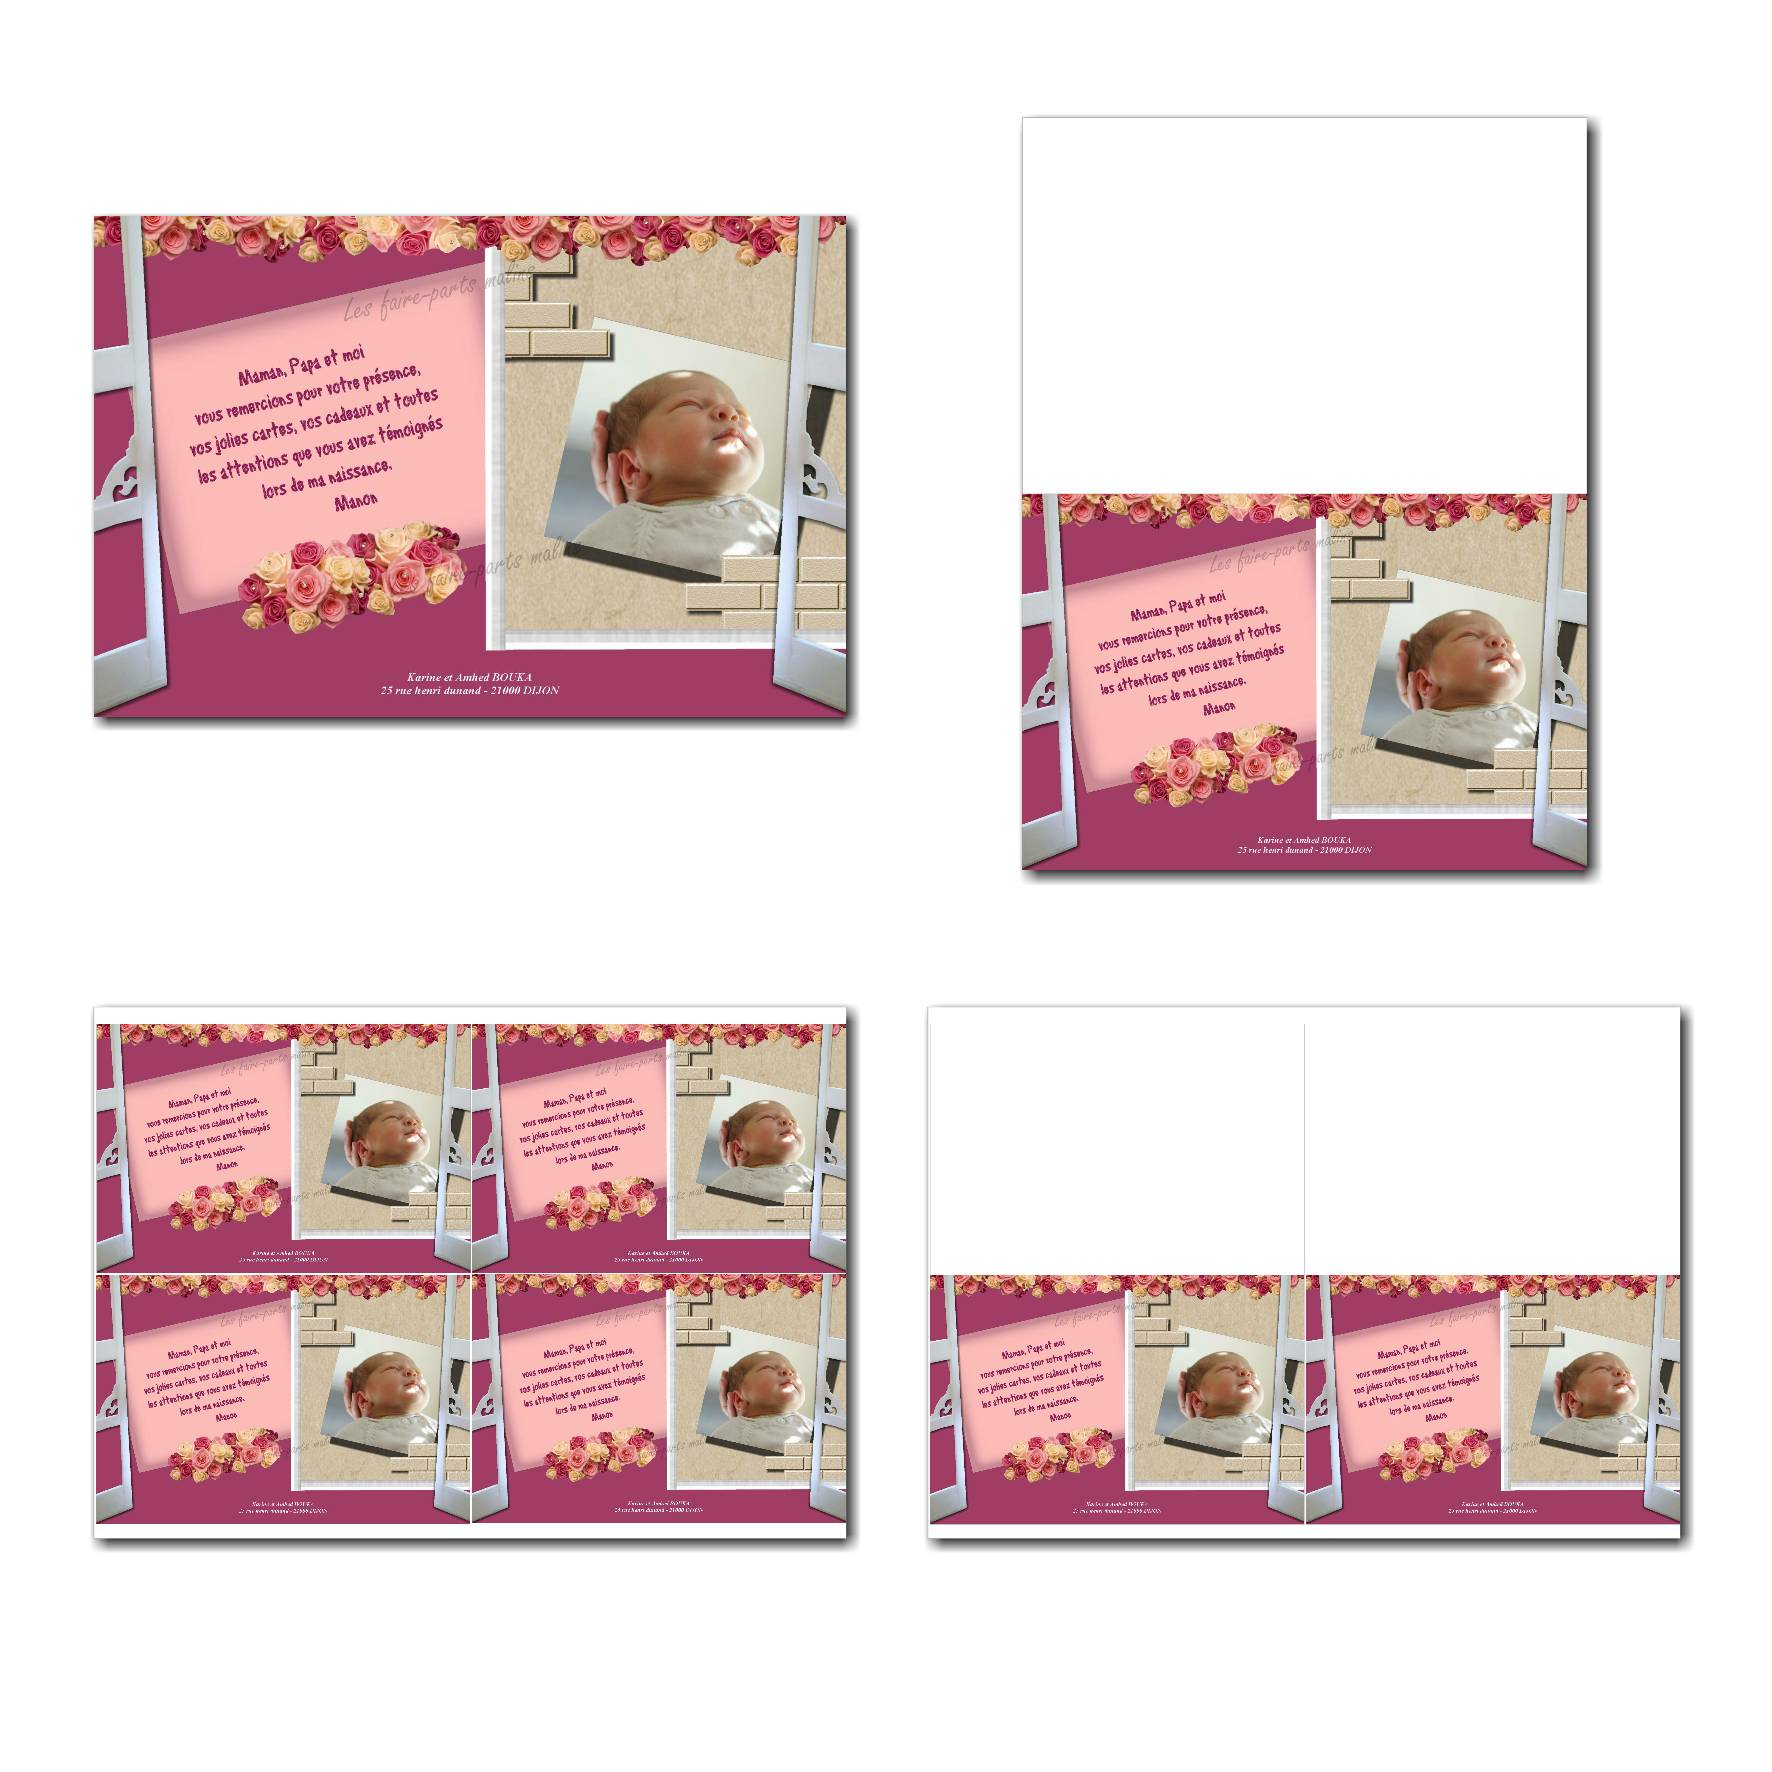 carte de remerciements prêt à imprimer rose et beige fenêtre